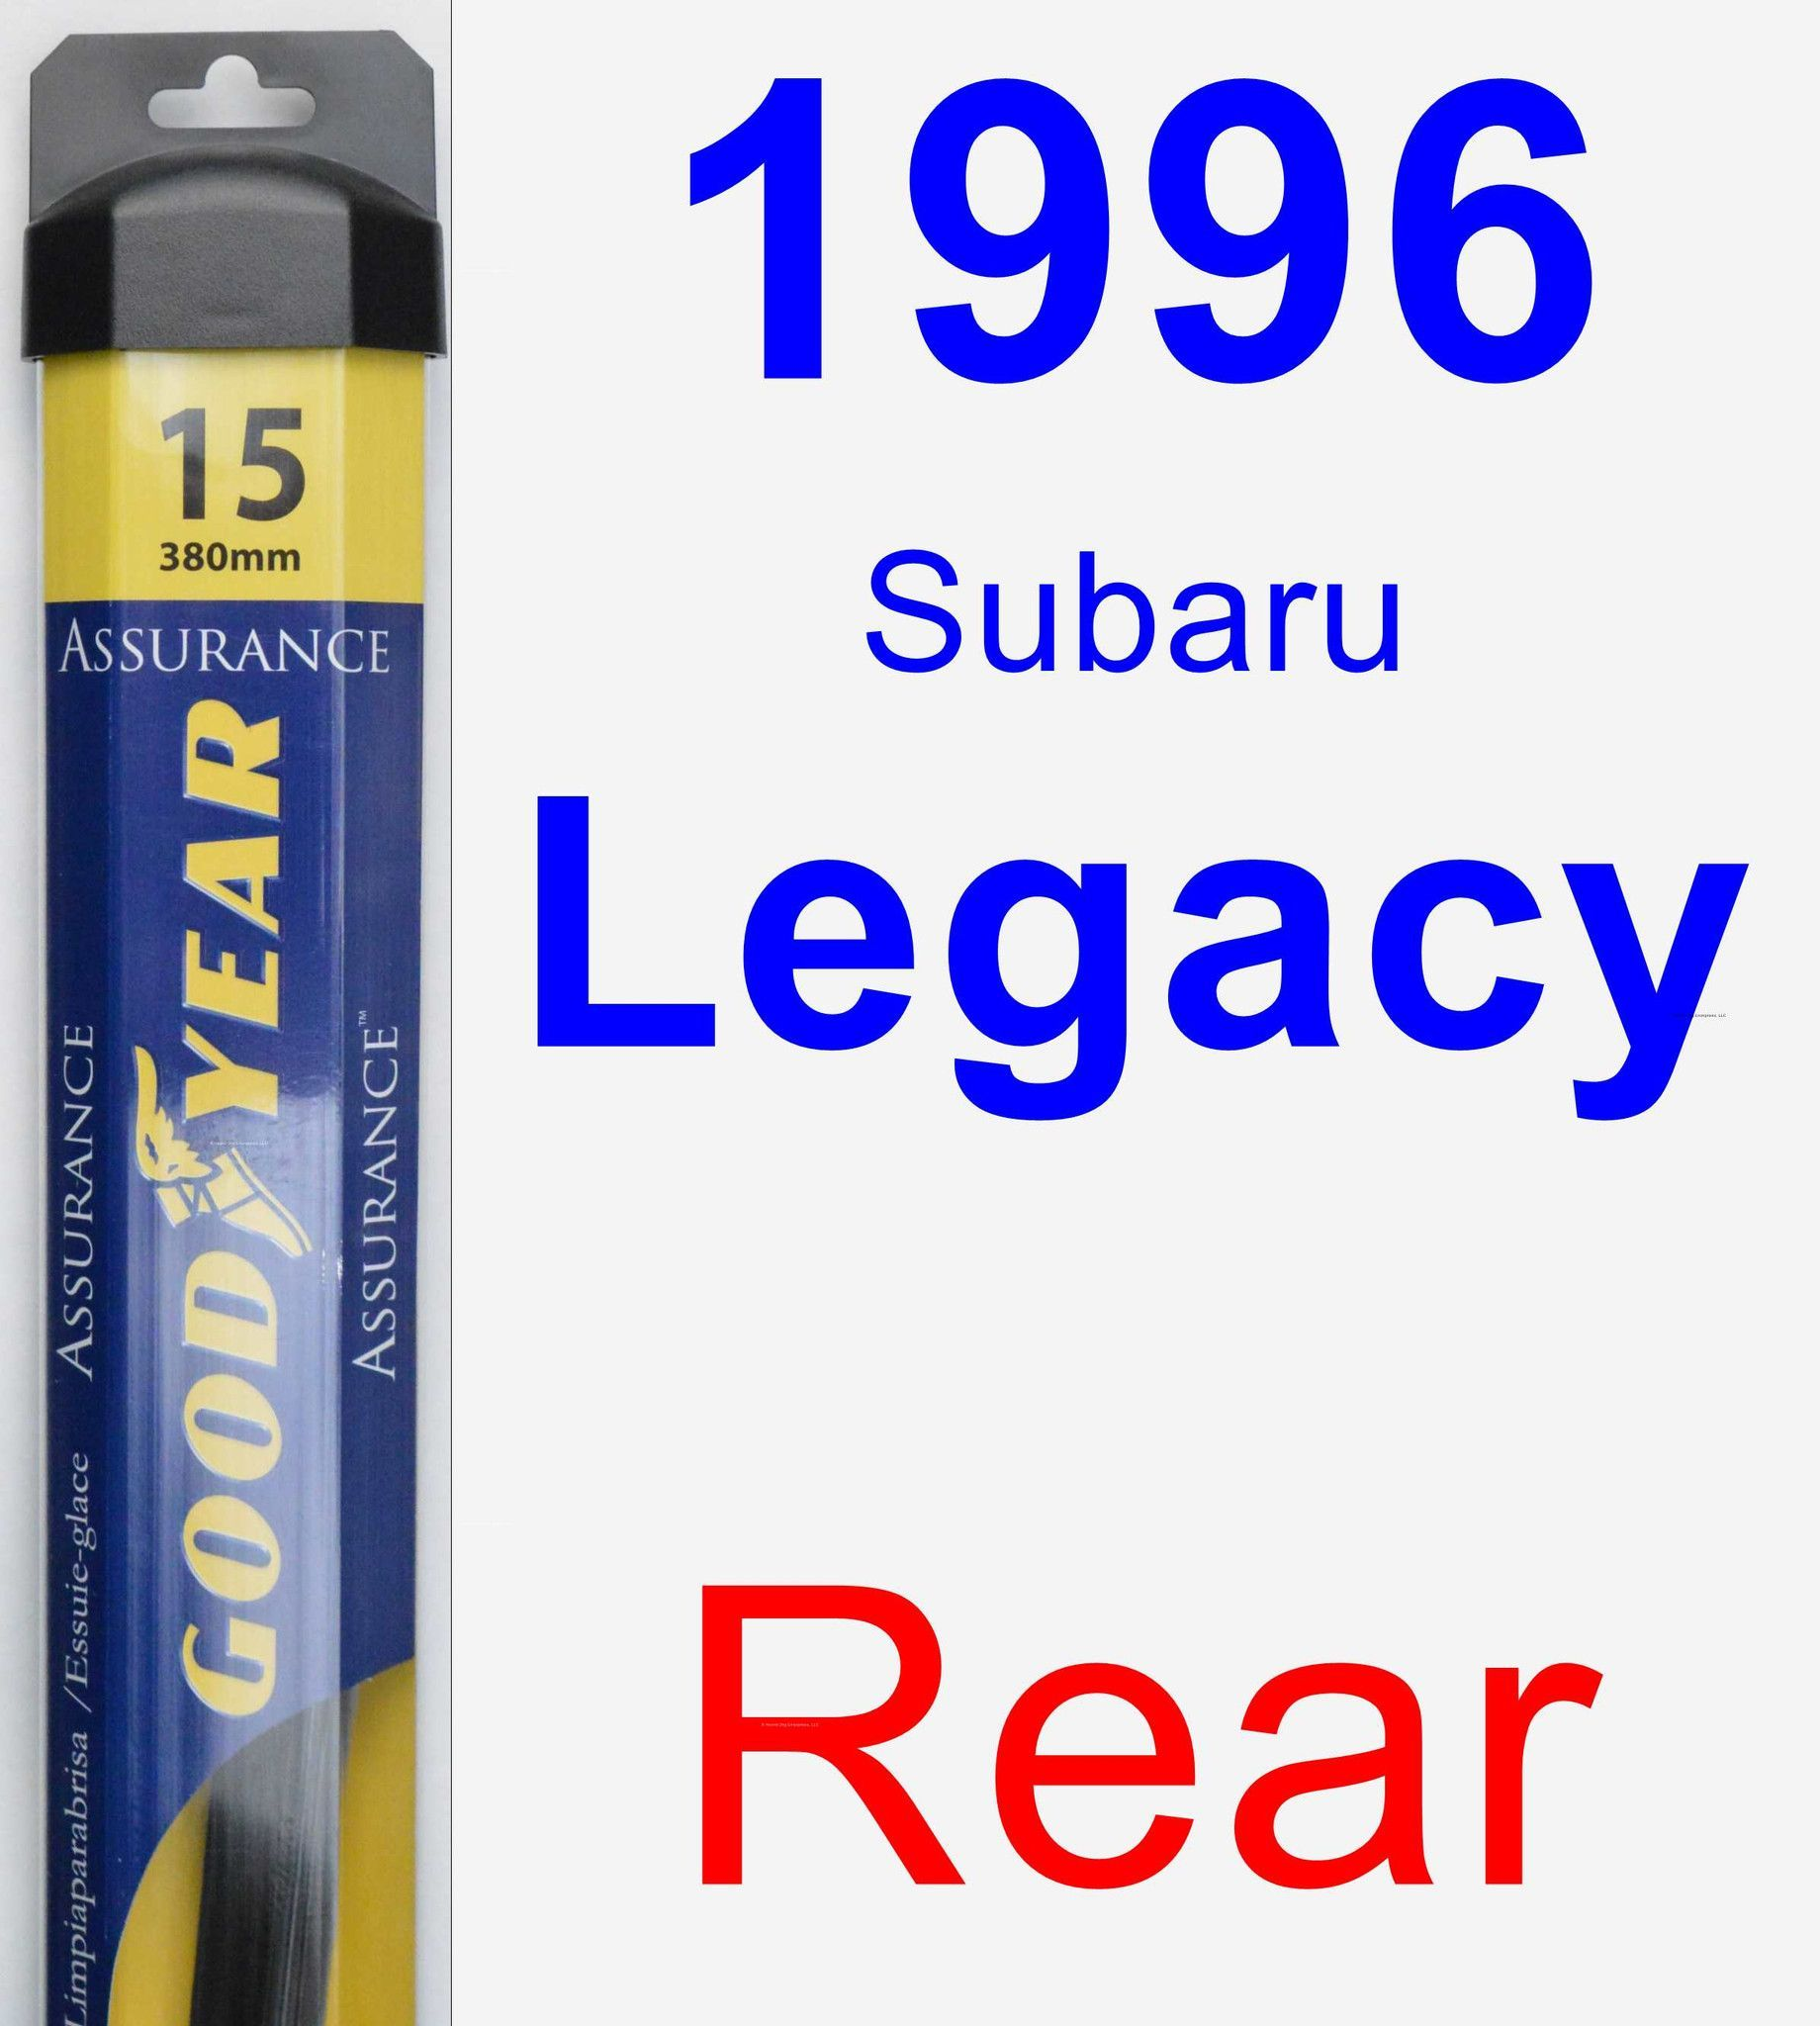 Rear Wiper Blade for 1996 Subaru Legacy - Assurance